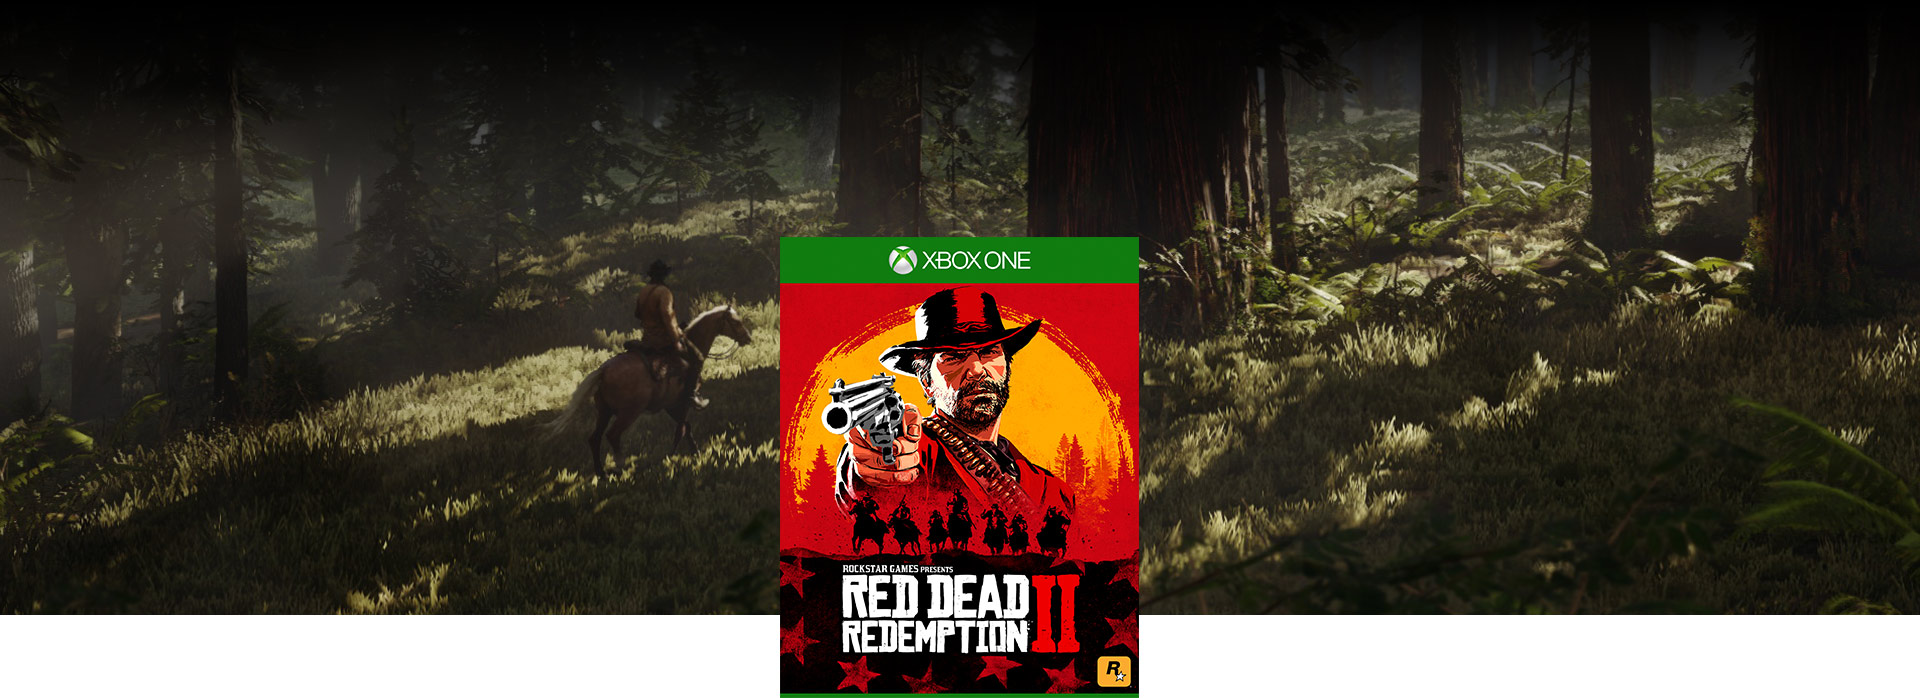 Imagem da caixa do Red Dead Redemption 2 com personagem a cavalgar numa floresta em segundo plano